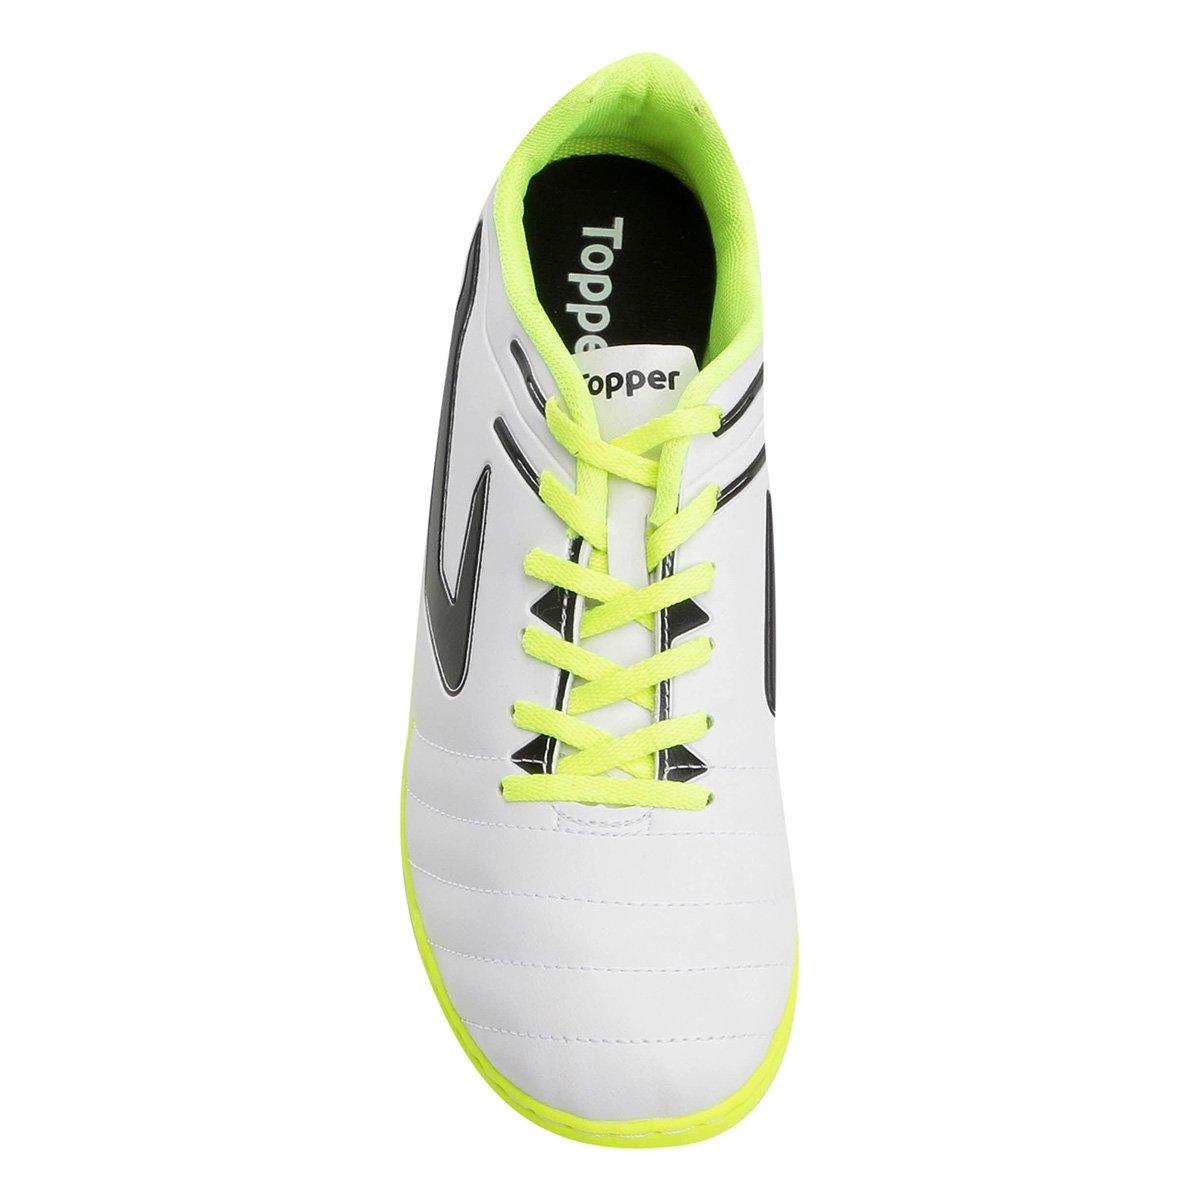 Chuteira Futsal Topper Boleiro - Branco e Preto - Compre Agora ... dc11d9d38962e